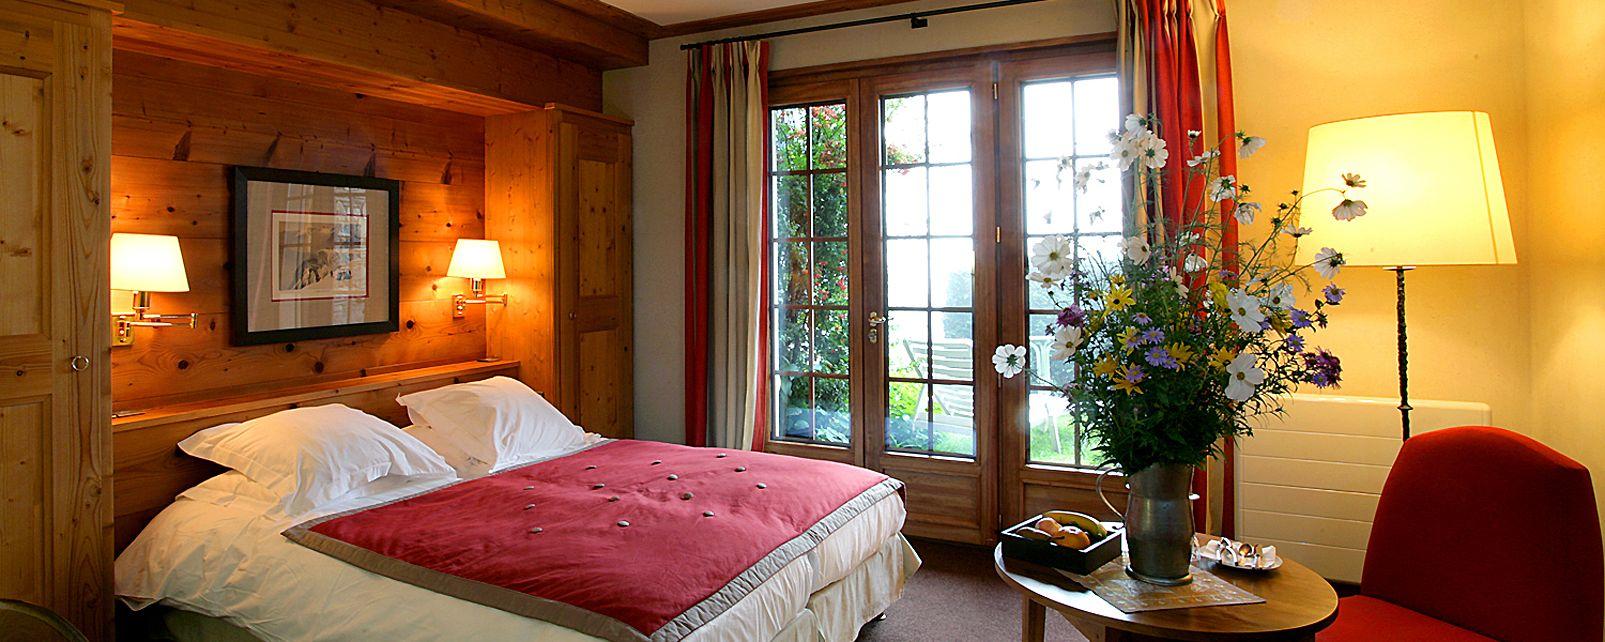 hotel auberge du bois prin in chamonix mont blanc france. Black Bedroom Furniture Sets. Home Design Ideas